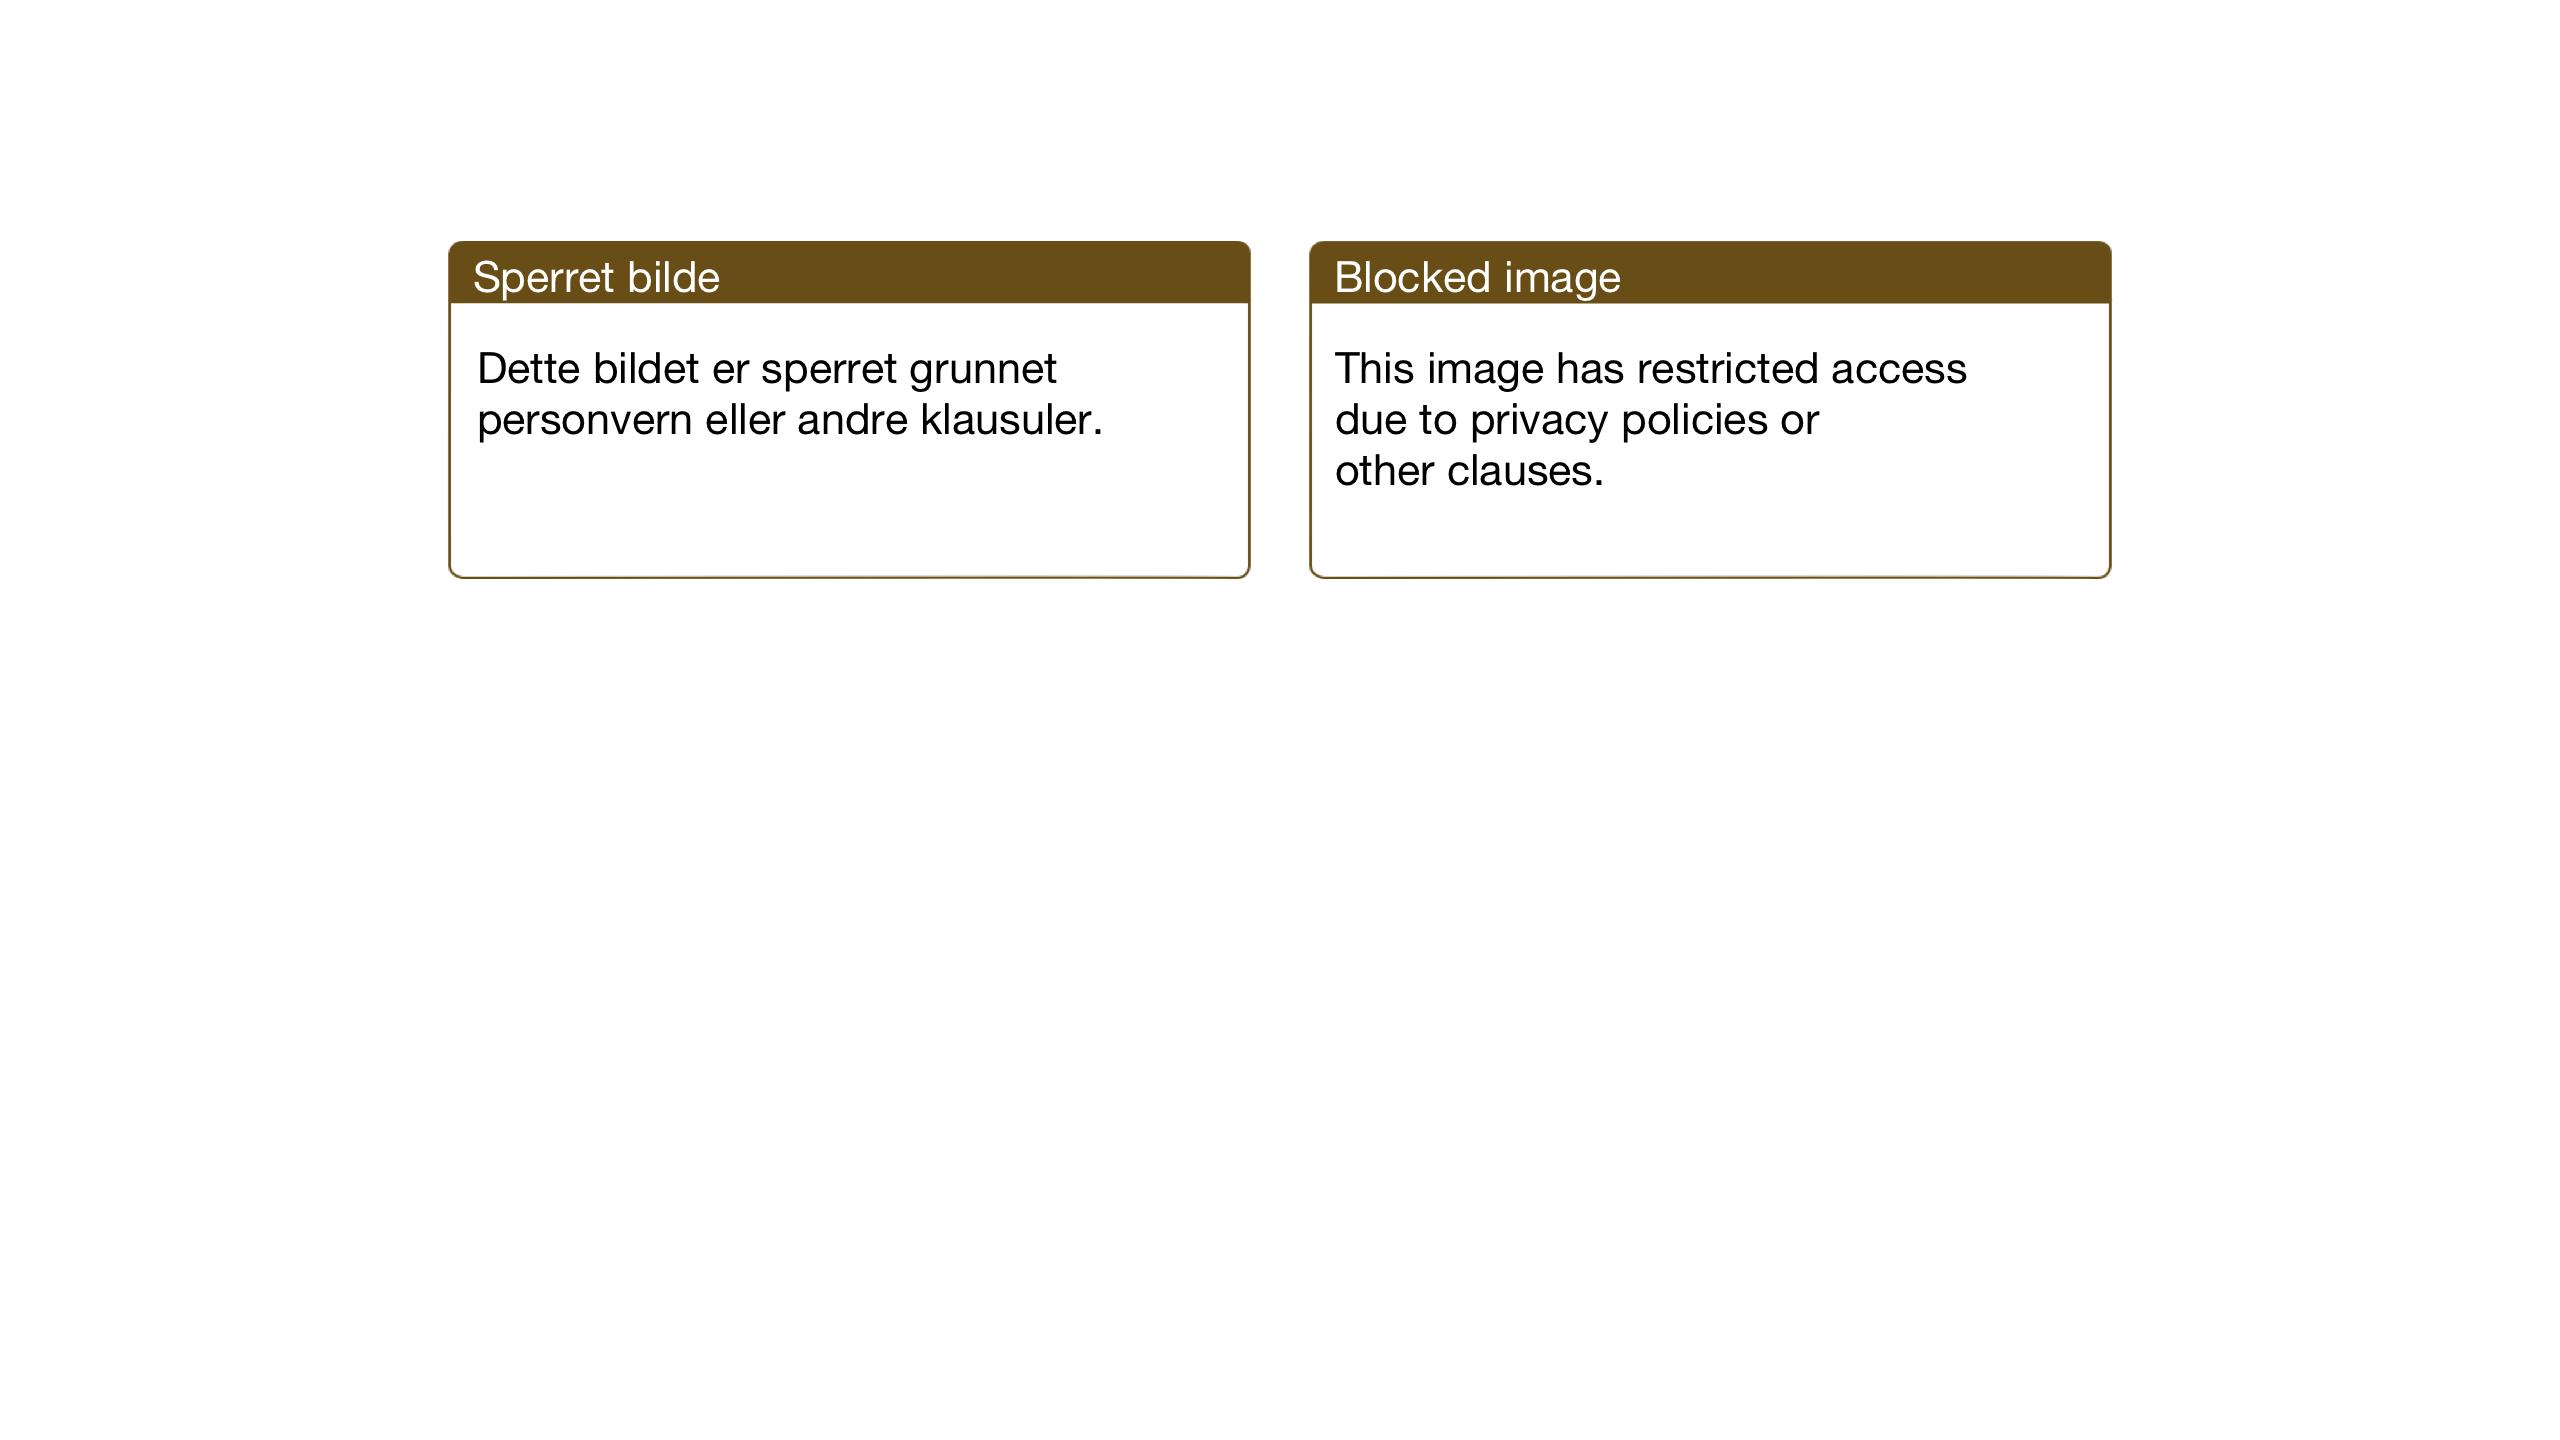 SAT, Ministerialprotokoller, klokkerbøker og fødselsregistre - Sør-Trøndelag, 608/L0343: Klokkerbok nr. 608C09, 1938-1952, s. 21